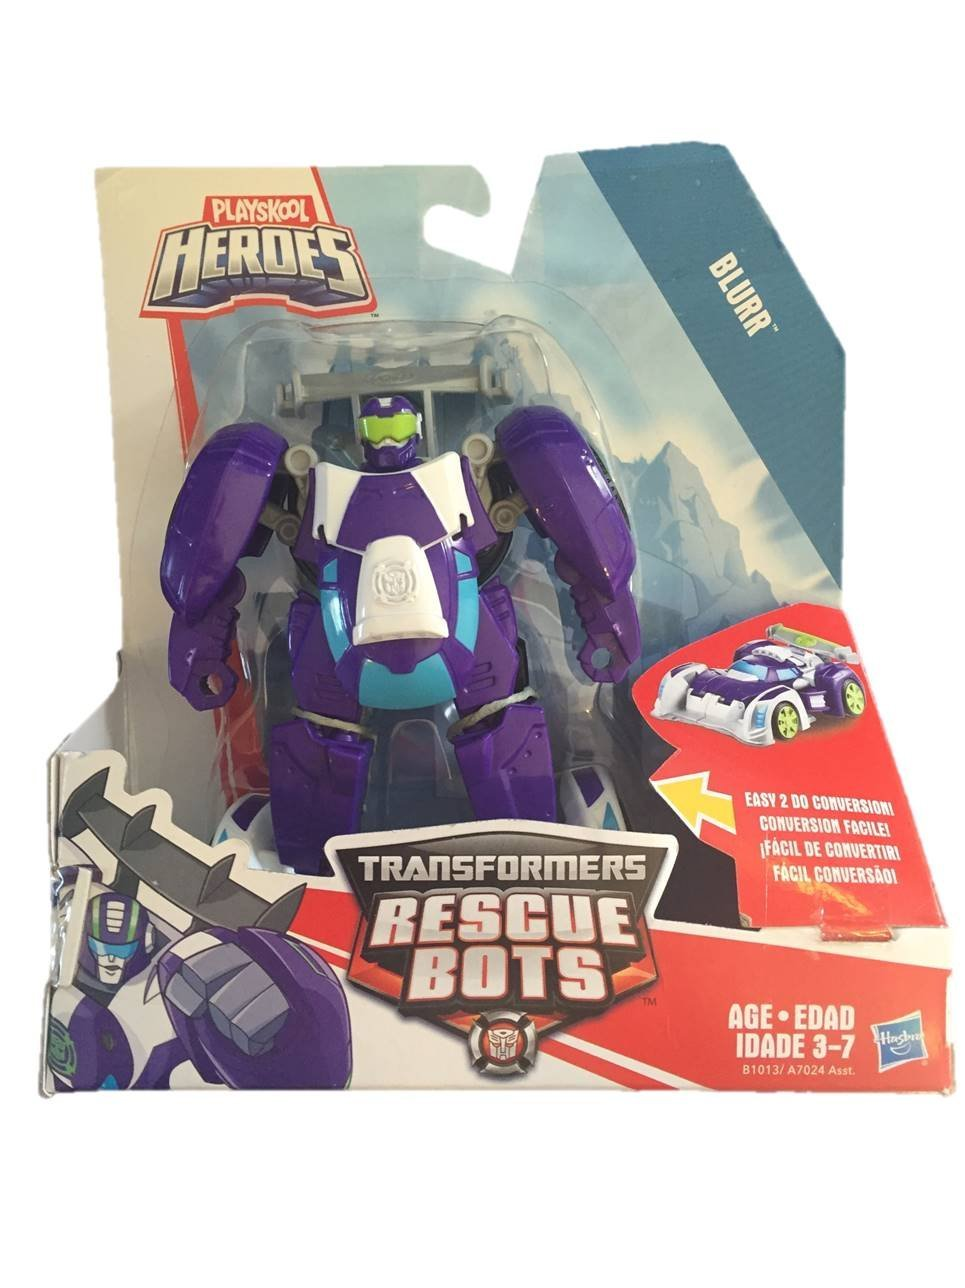 Playskool B1013 Heroes Transformers Rescue Bots Blurr Figure by Playskool (Image #4)